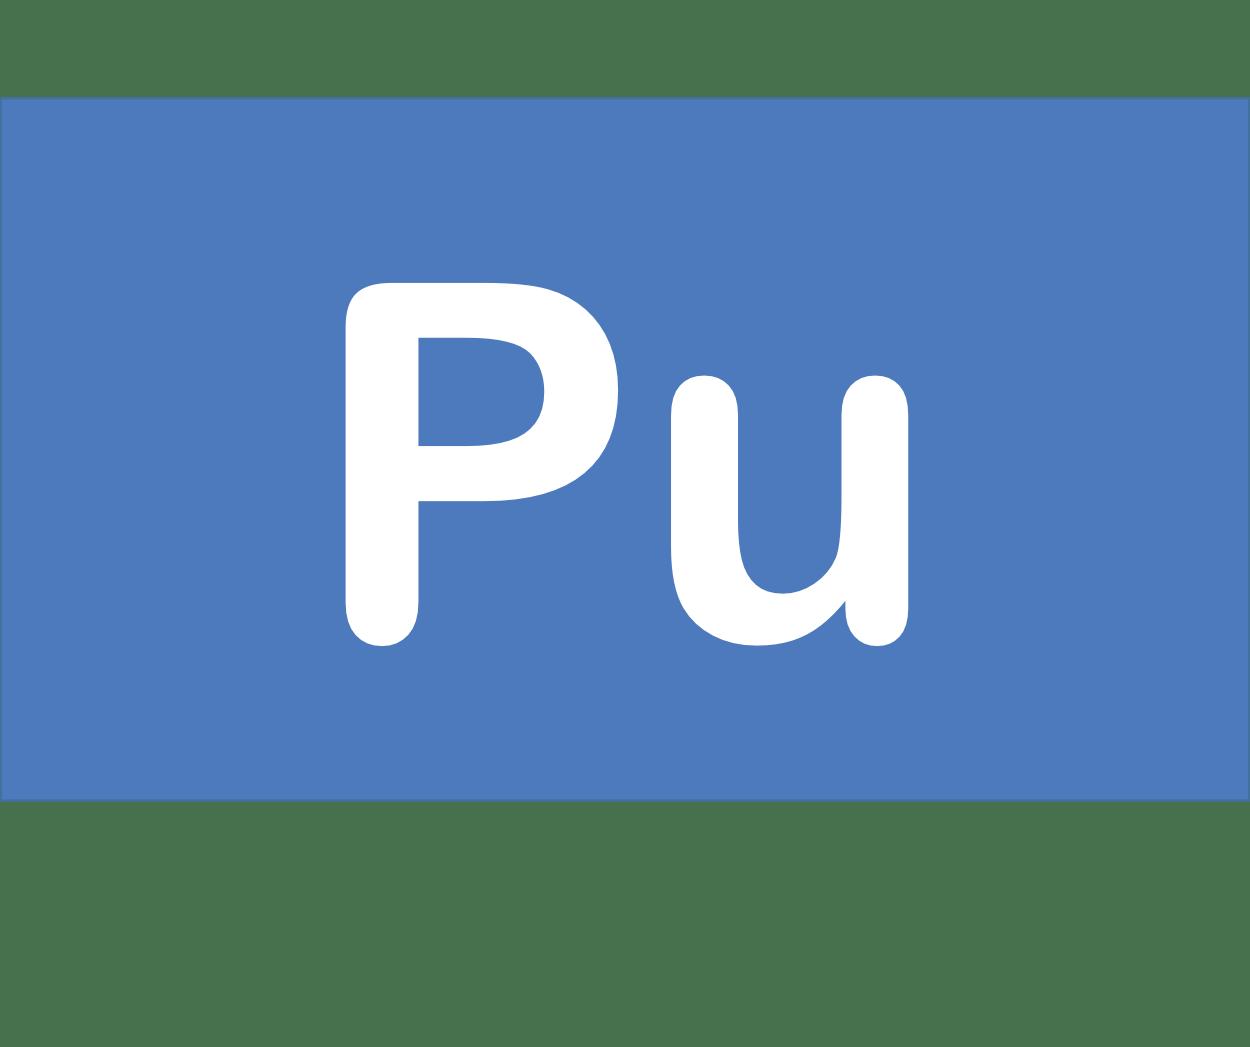 94 Pu プルトニウム Plutonium 元素 記号 周期表 化学 原子